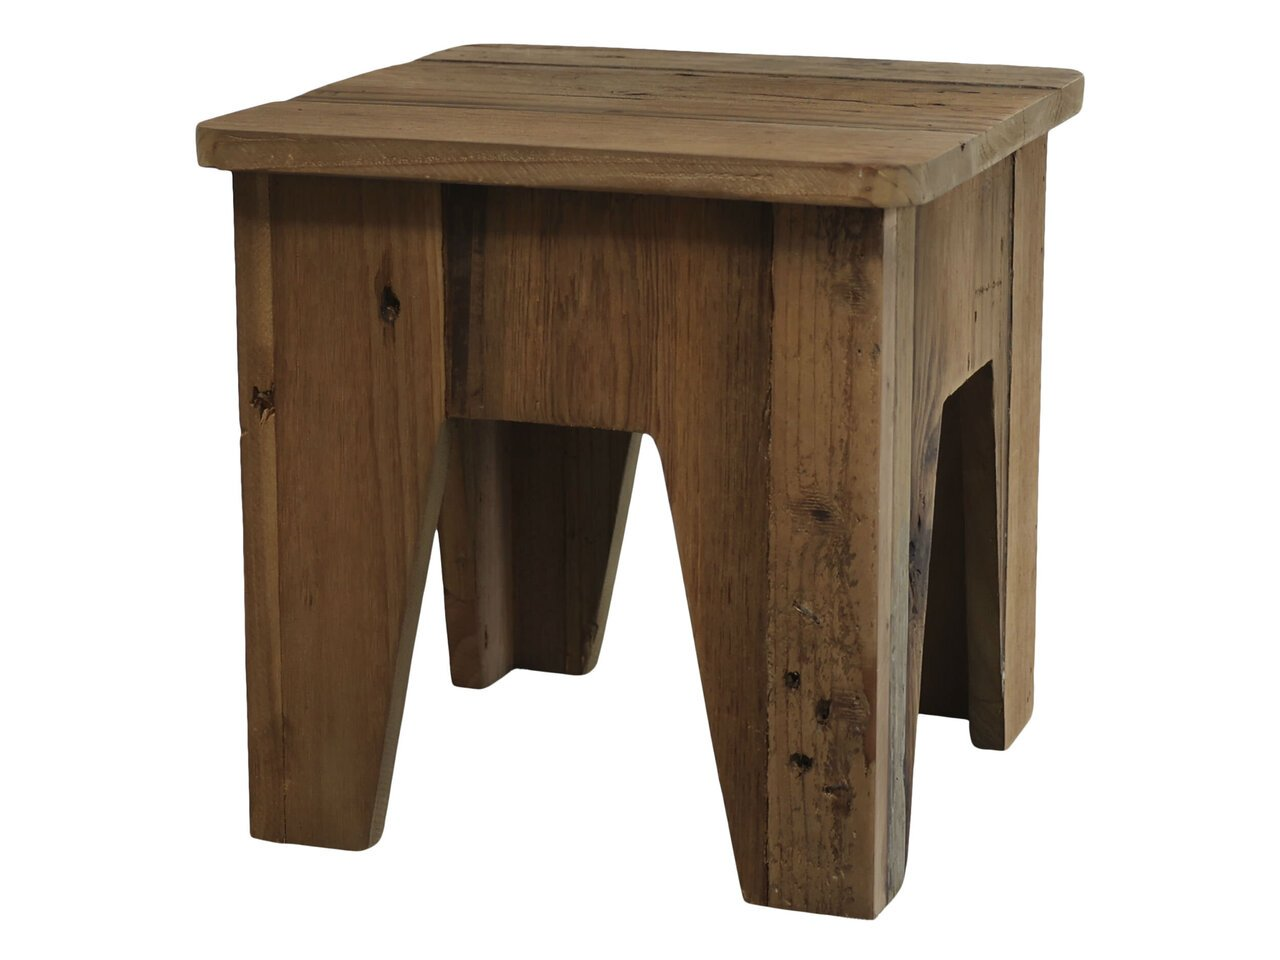 Chic Antique Hocker aus Fichtenholz